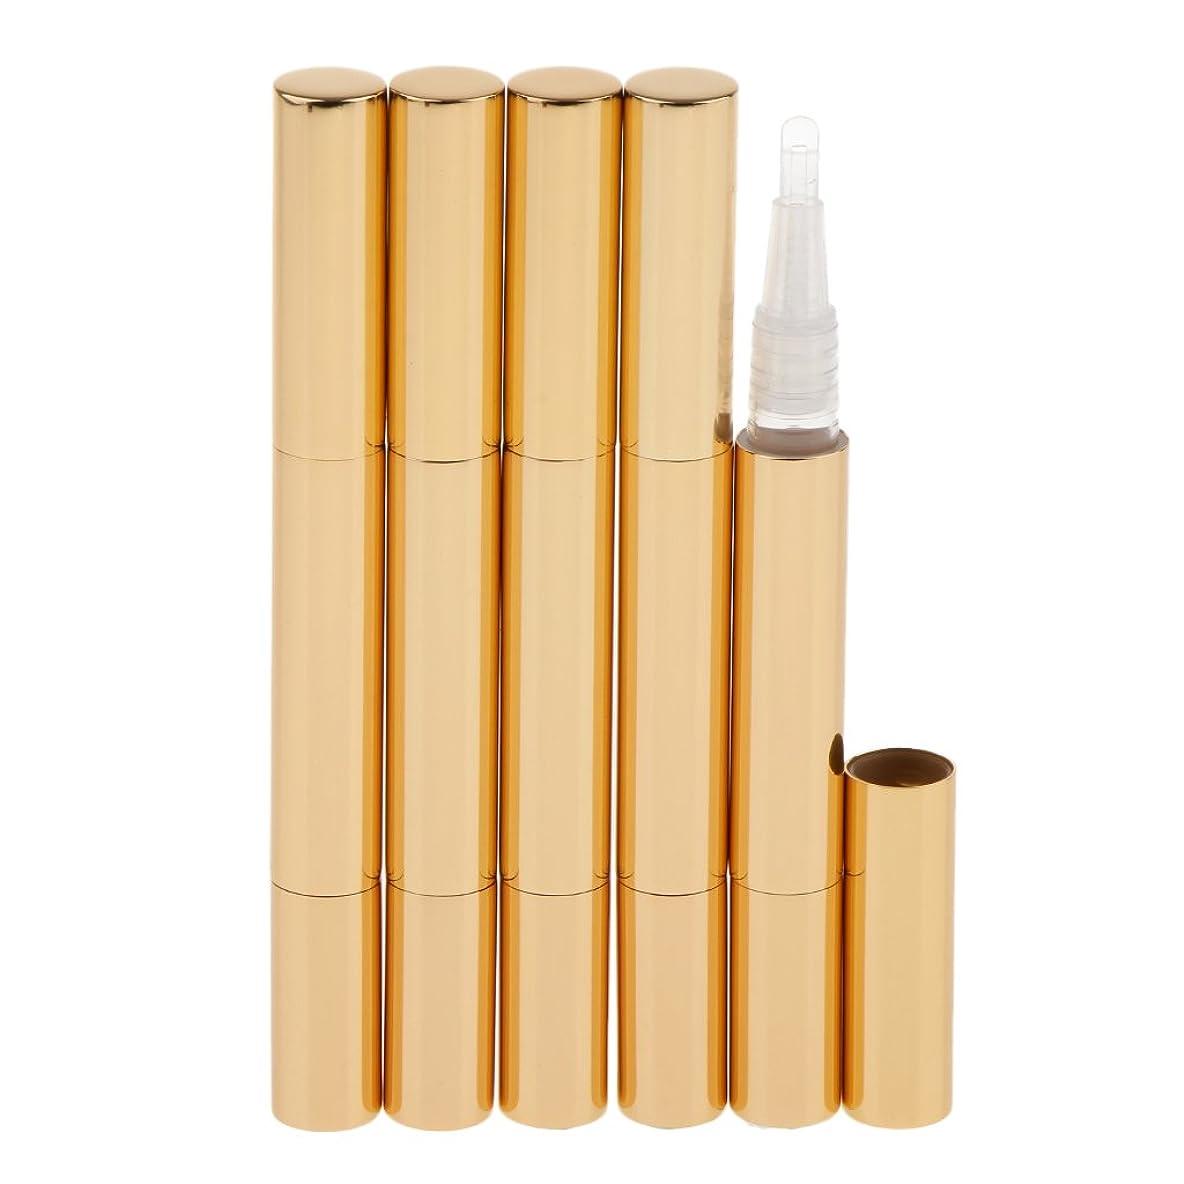 効率的に今日に沿ってKesoto 5個 化粧品容器 空チューブ  3ml ネイルオイルペン リップグロスチューブ 旅行 化粧品コンテナ 5色選べる - ゴールド